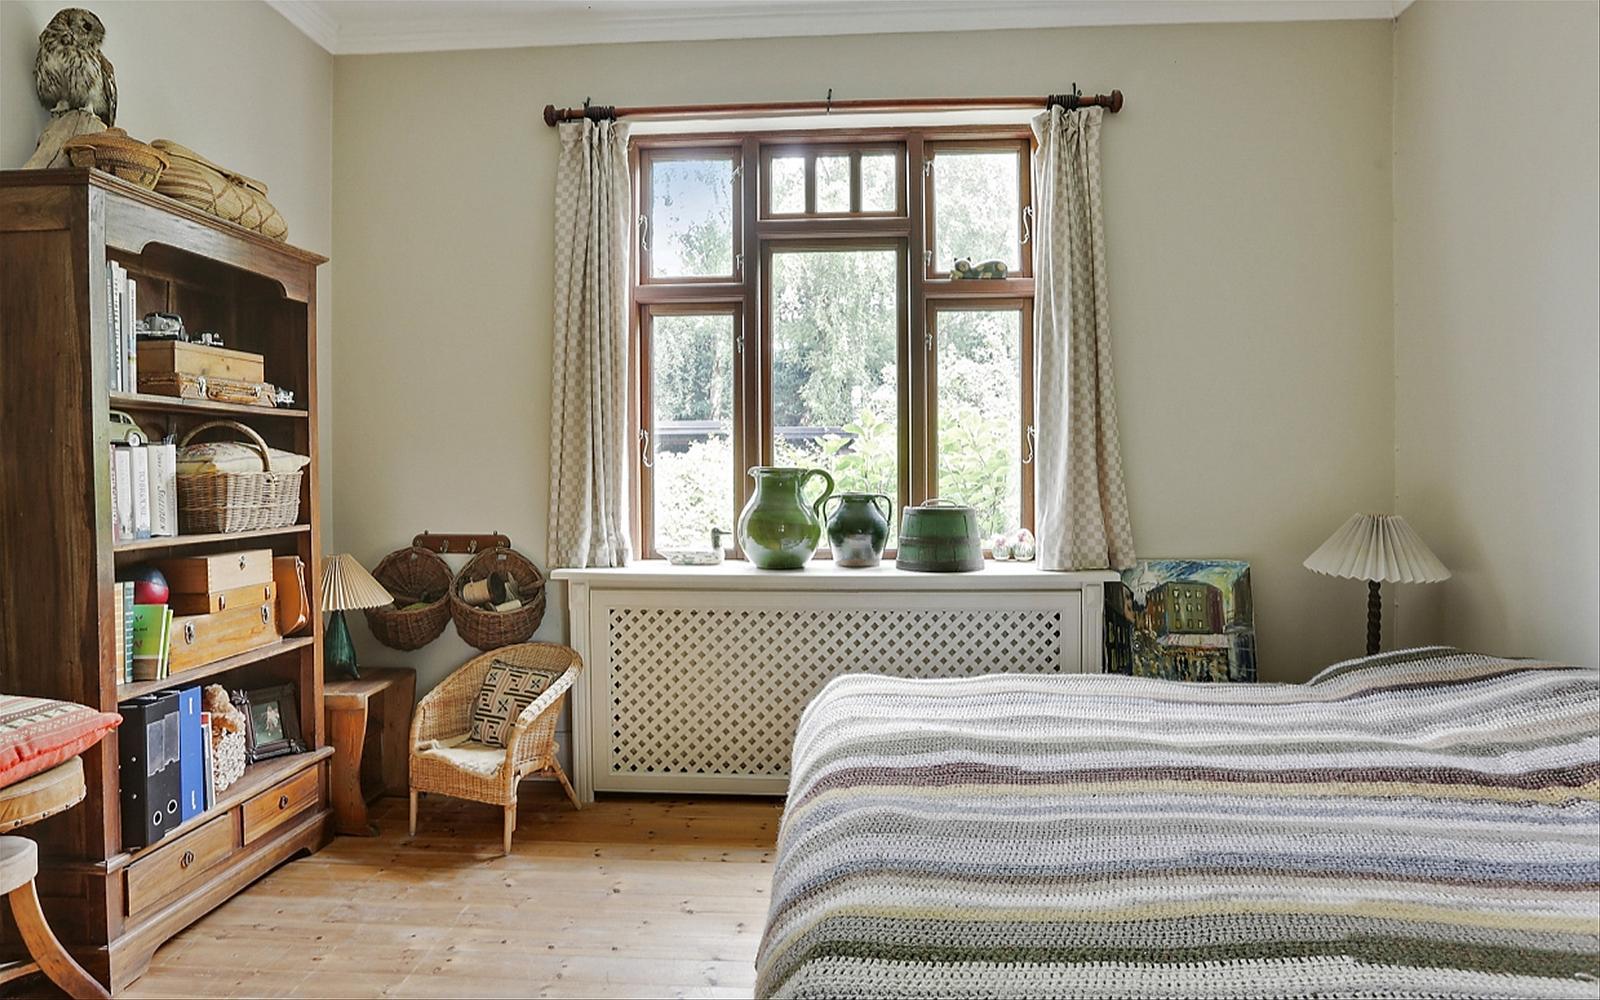 детская спальня окно форточка эсмеситель радиатора отопления